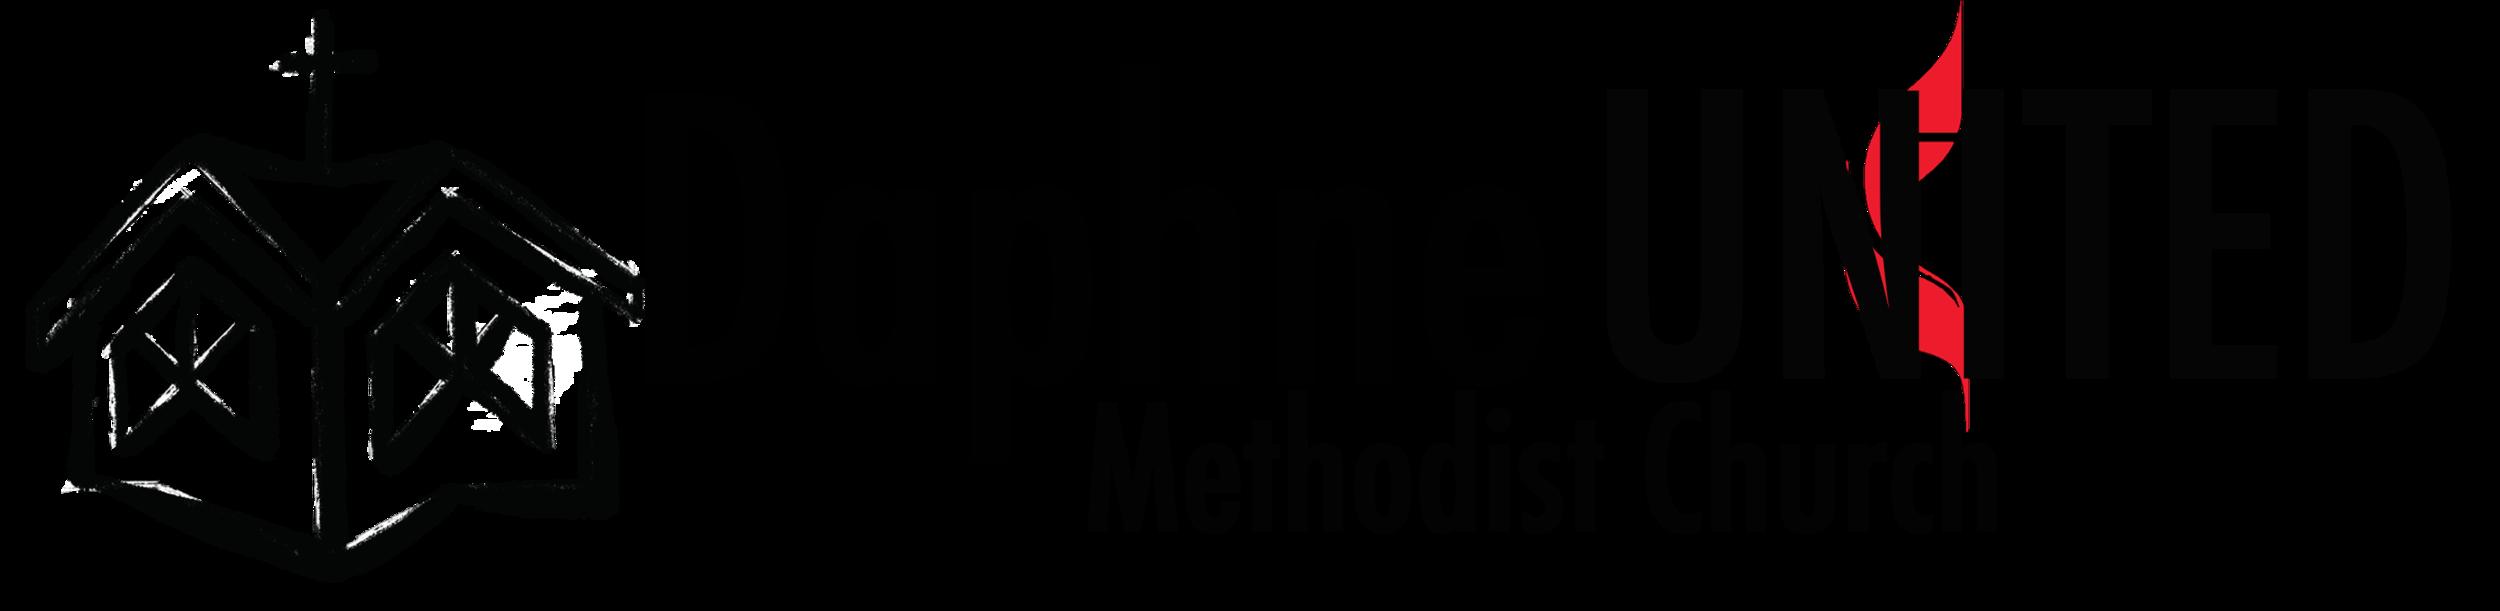 HEader-Logo-Medium-DUMC.png